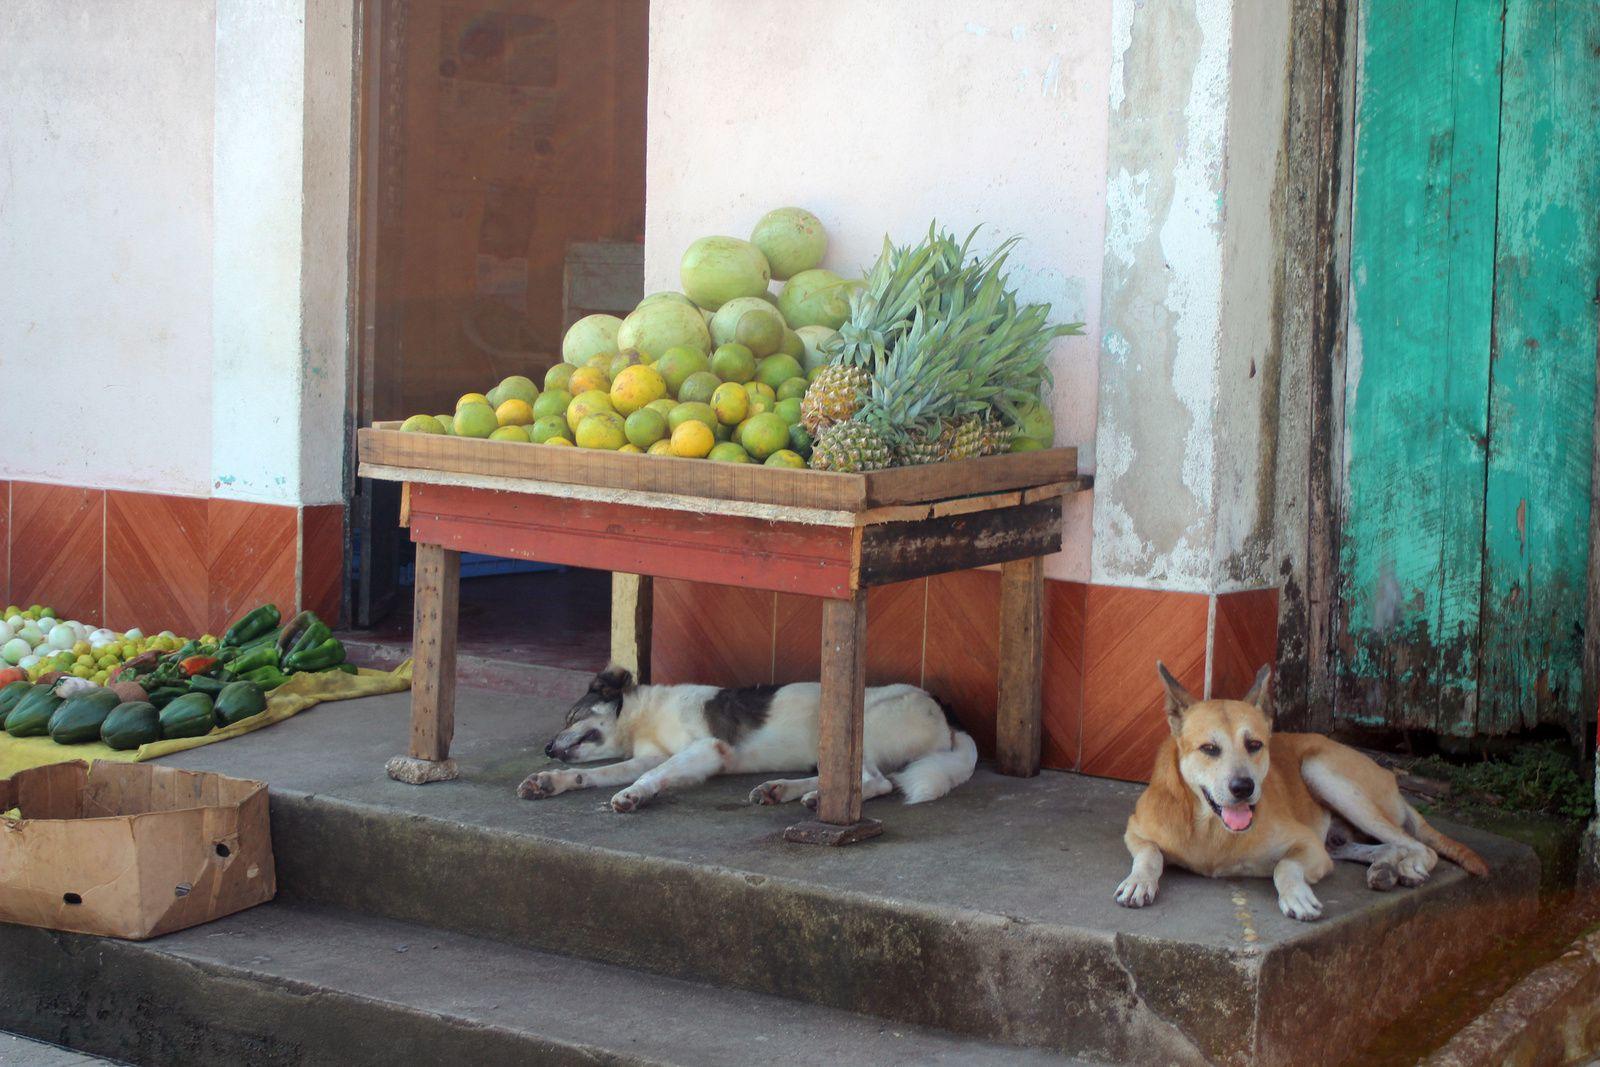 Visages guatémaltèques